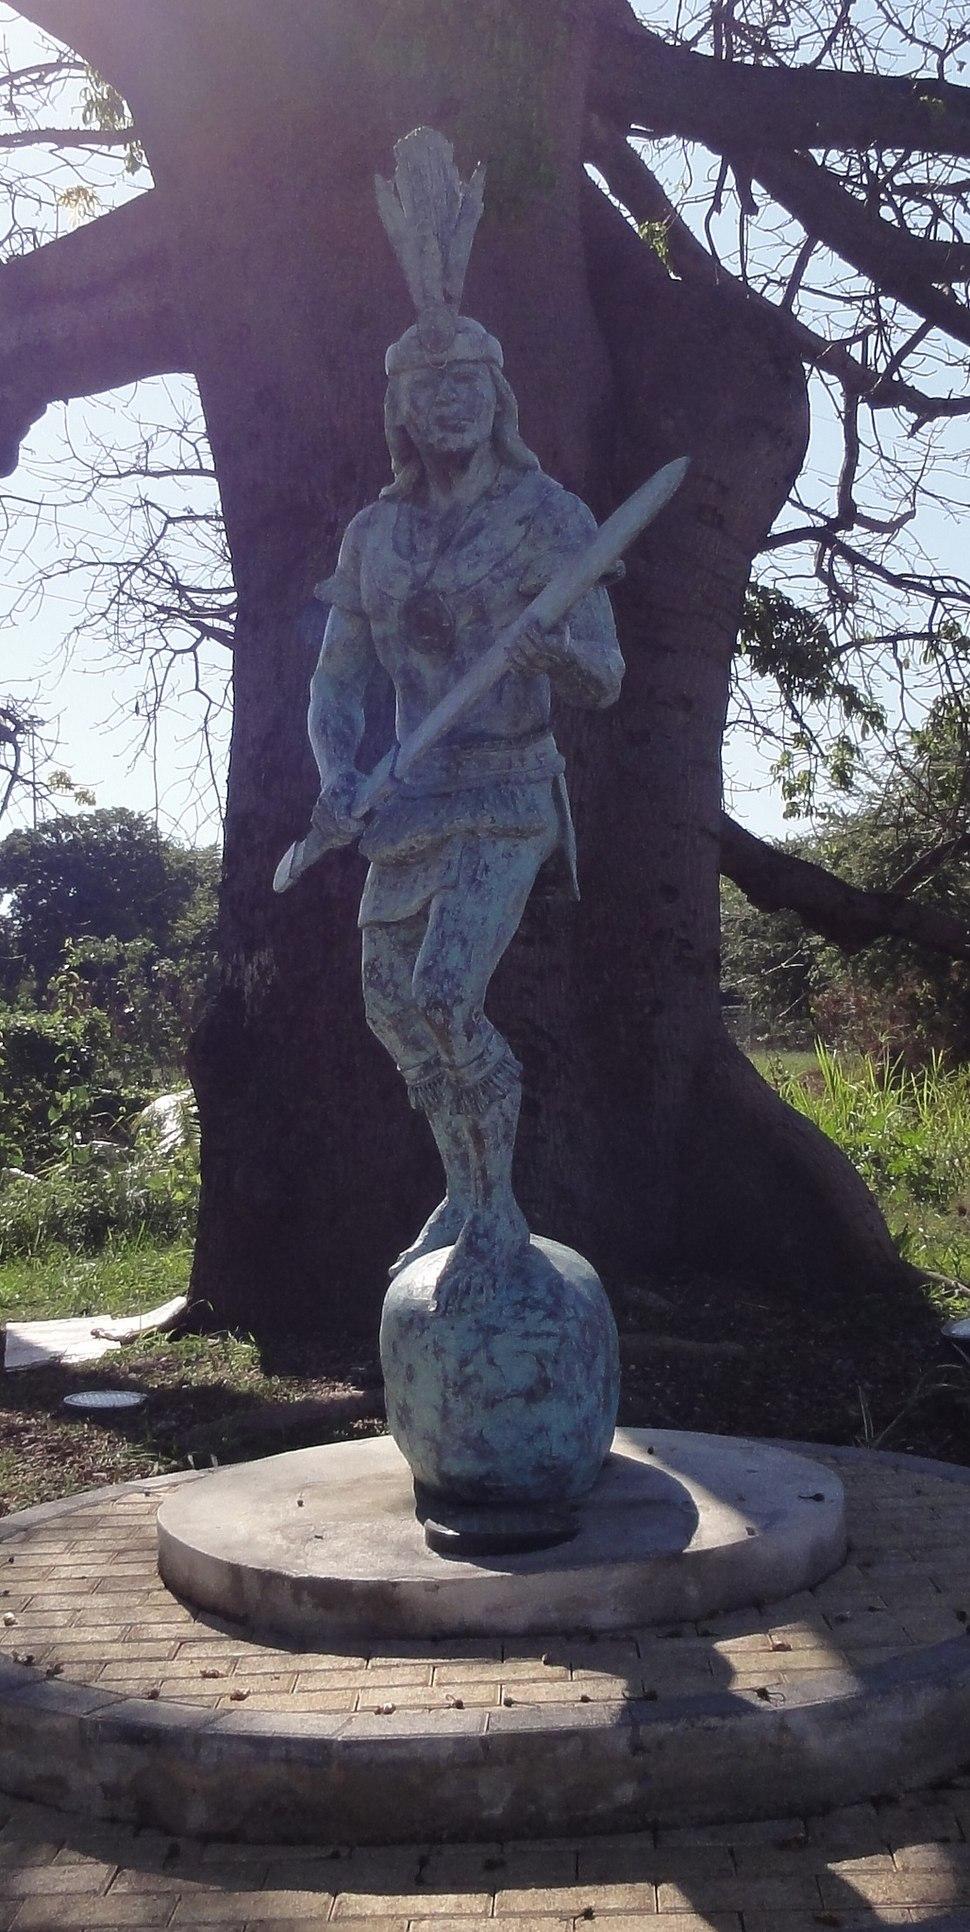 Estatua de Agüeybaná II, El Bravo, en el Parque Monumento a Agüeybaná II, El Bravo, en Ponce, Puerto Rico (DSC02672C)